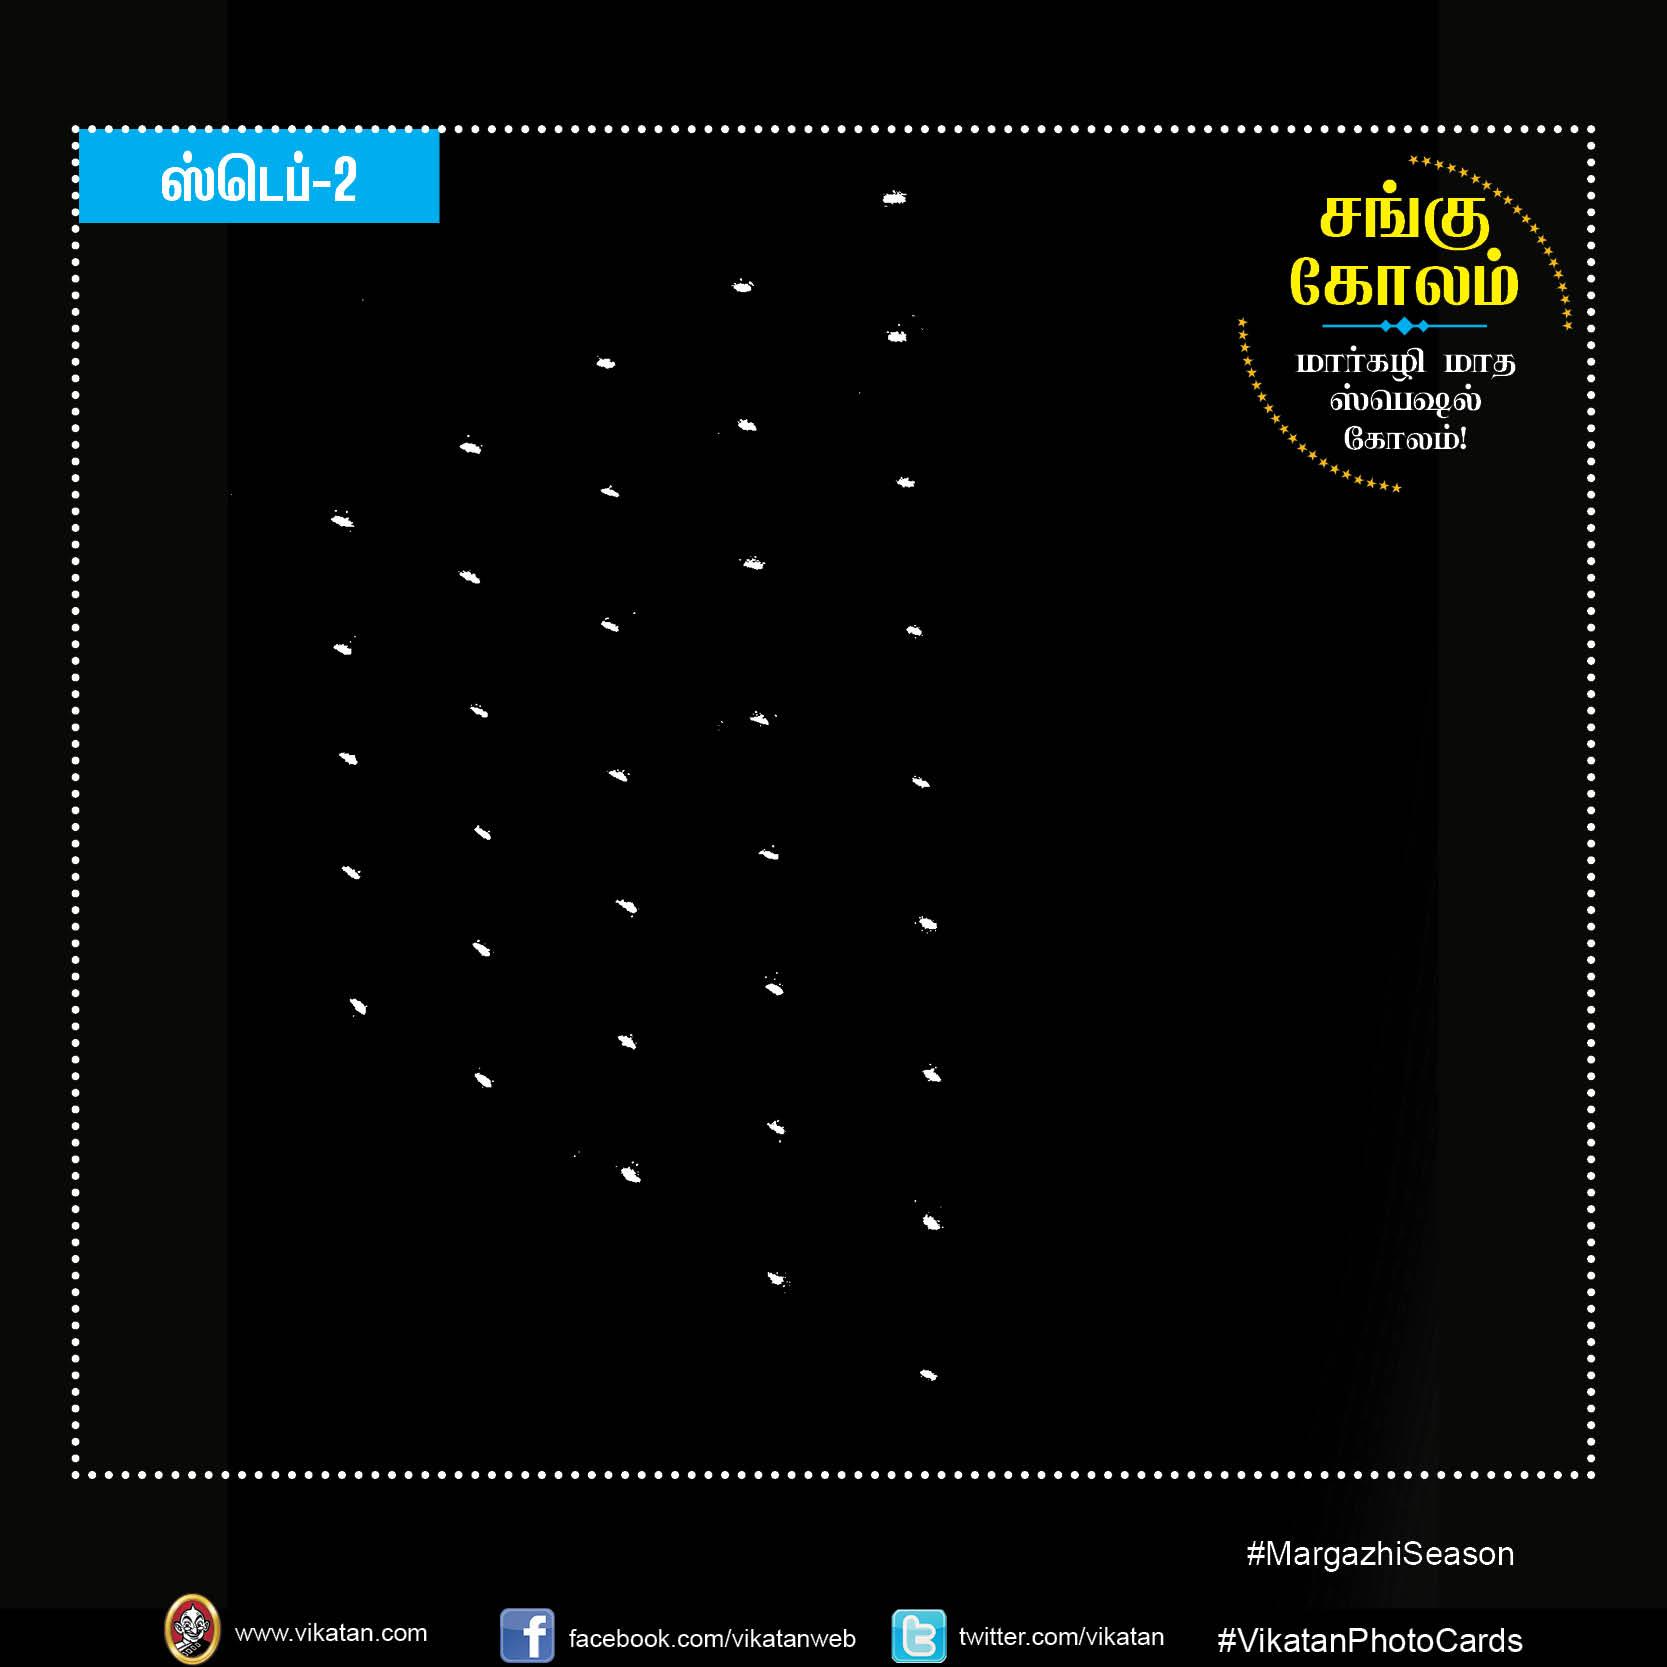 சங்கு கோலம் -  மார்கழி மாத ஸ்பெஷல் கோலம்!   #VikatanPhotoCards #MargazhiSeason